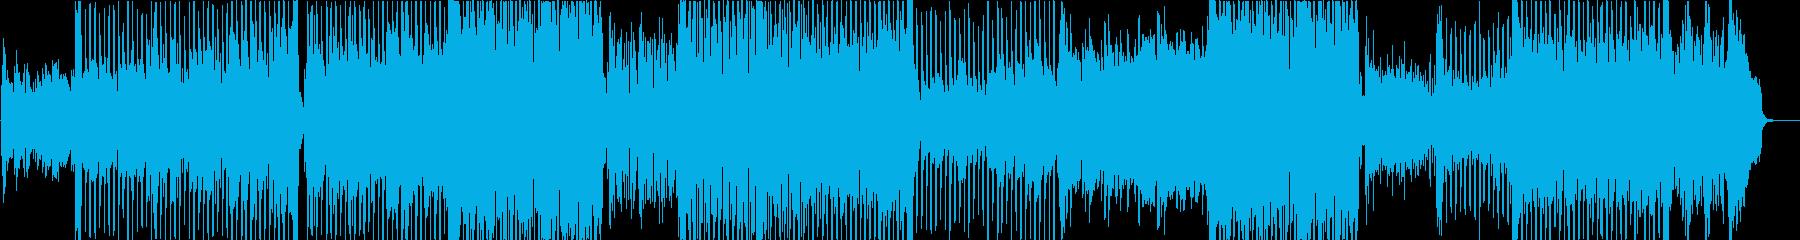 紹介ギターの再生済みの波形